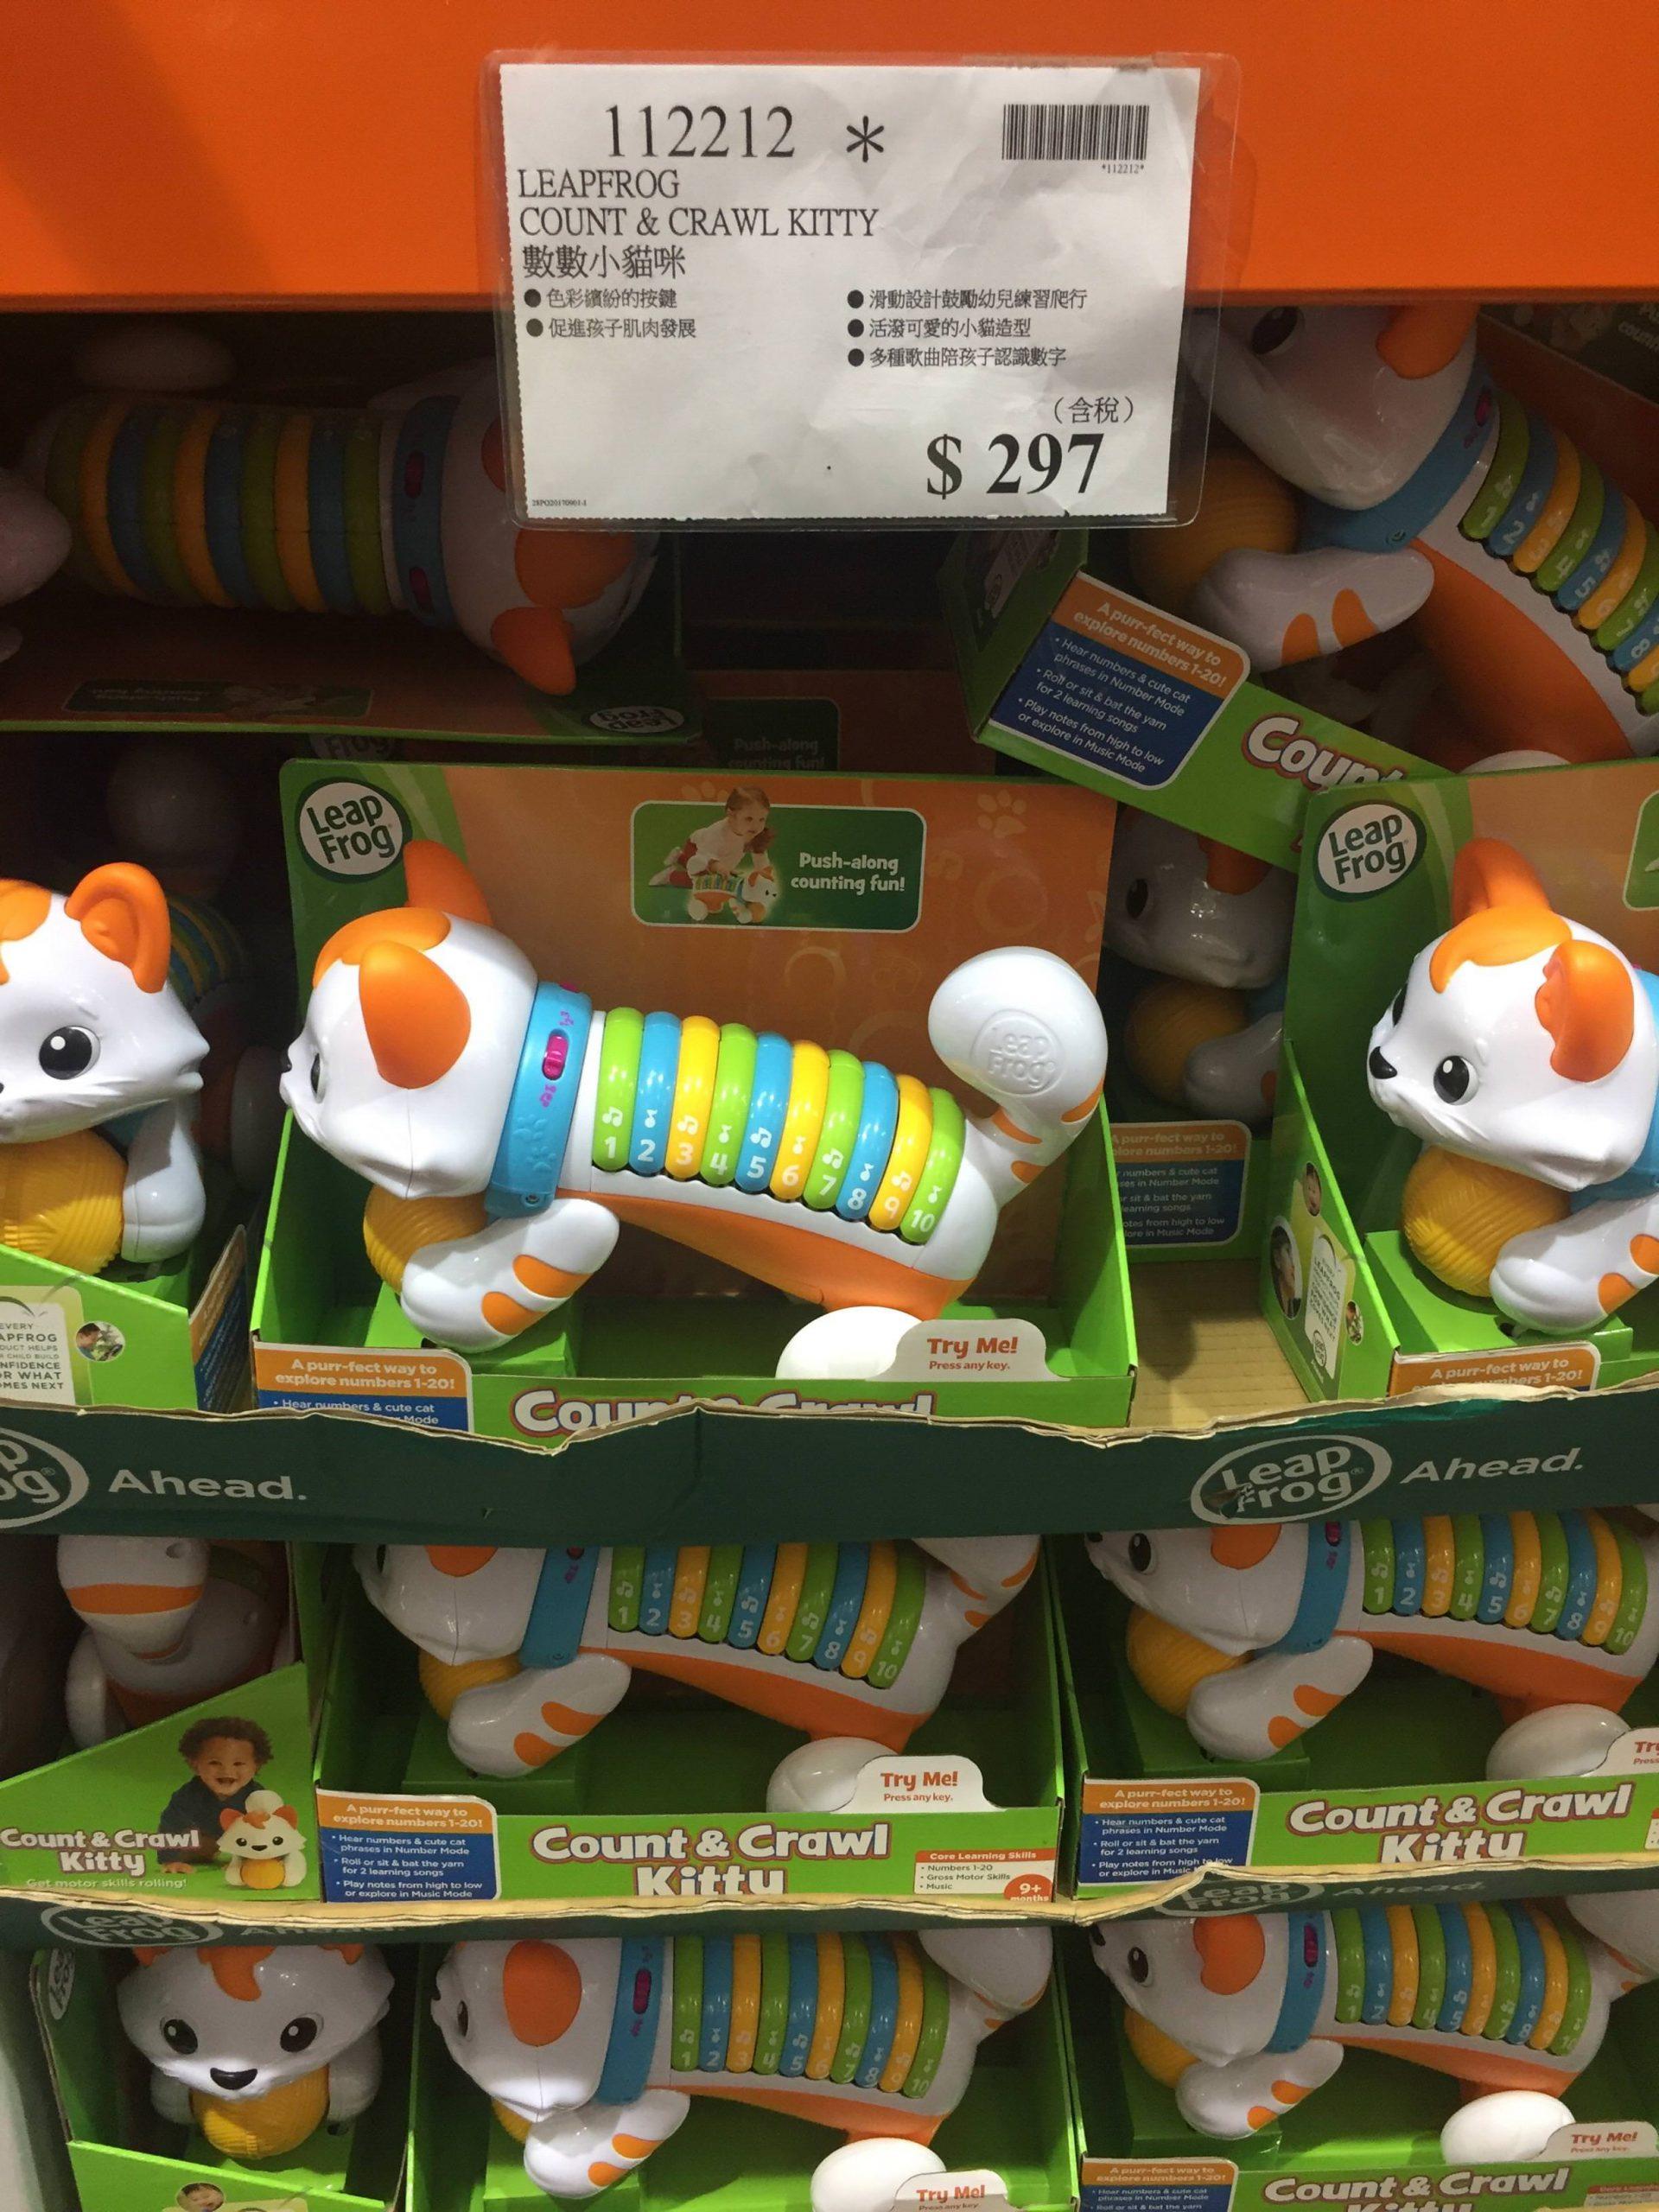 【玩具】Leap Frog跳跳蛙-數數小貓咪 ▋可愛喵喵音階,貓奴媽媽大推薦 ▋內湖好市多現正只要$297 @艾比媽媽